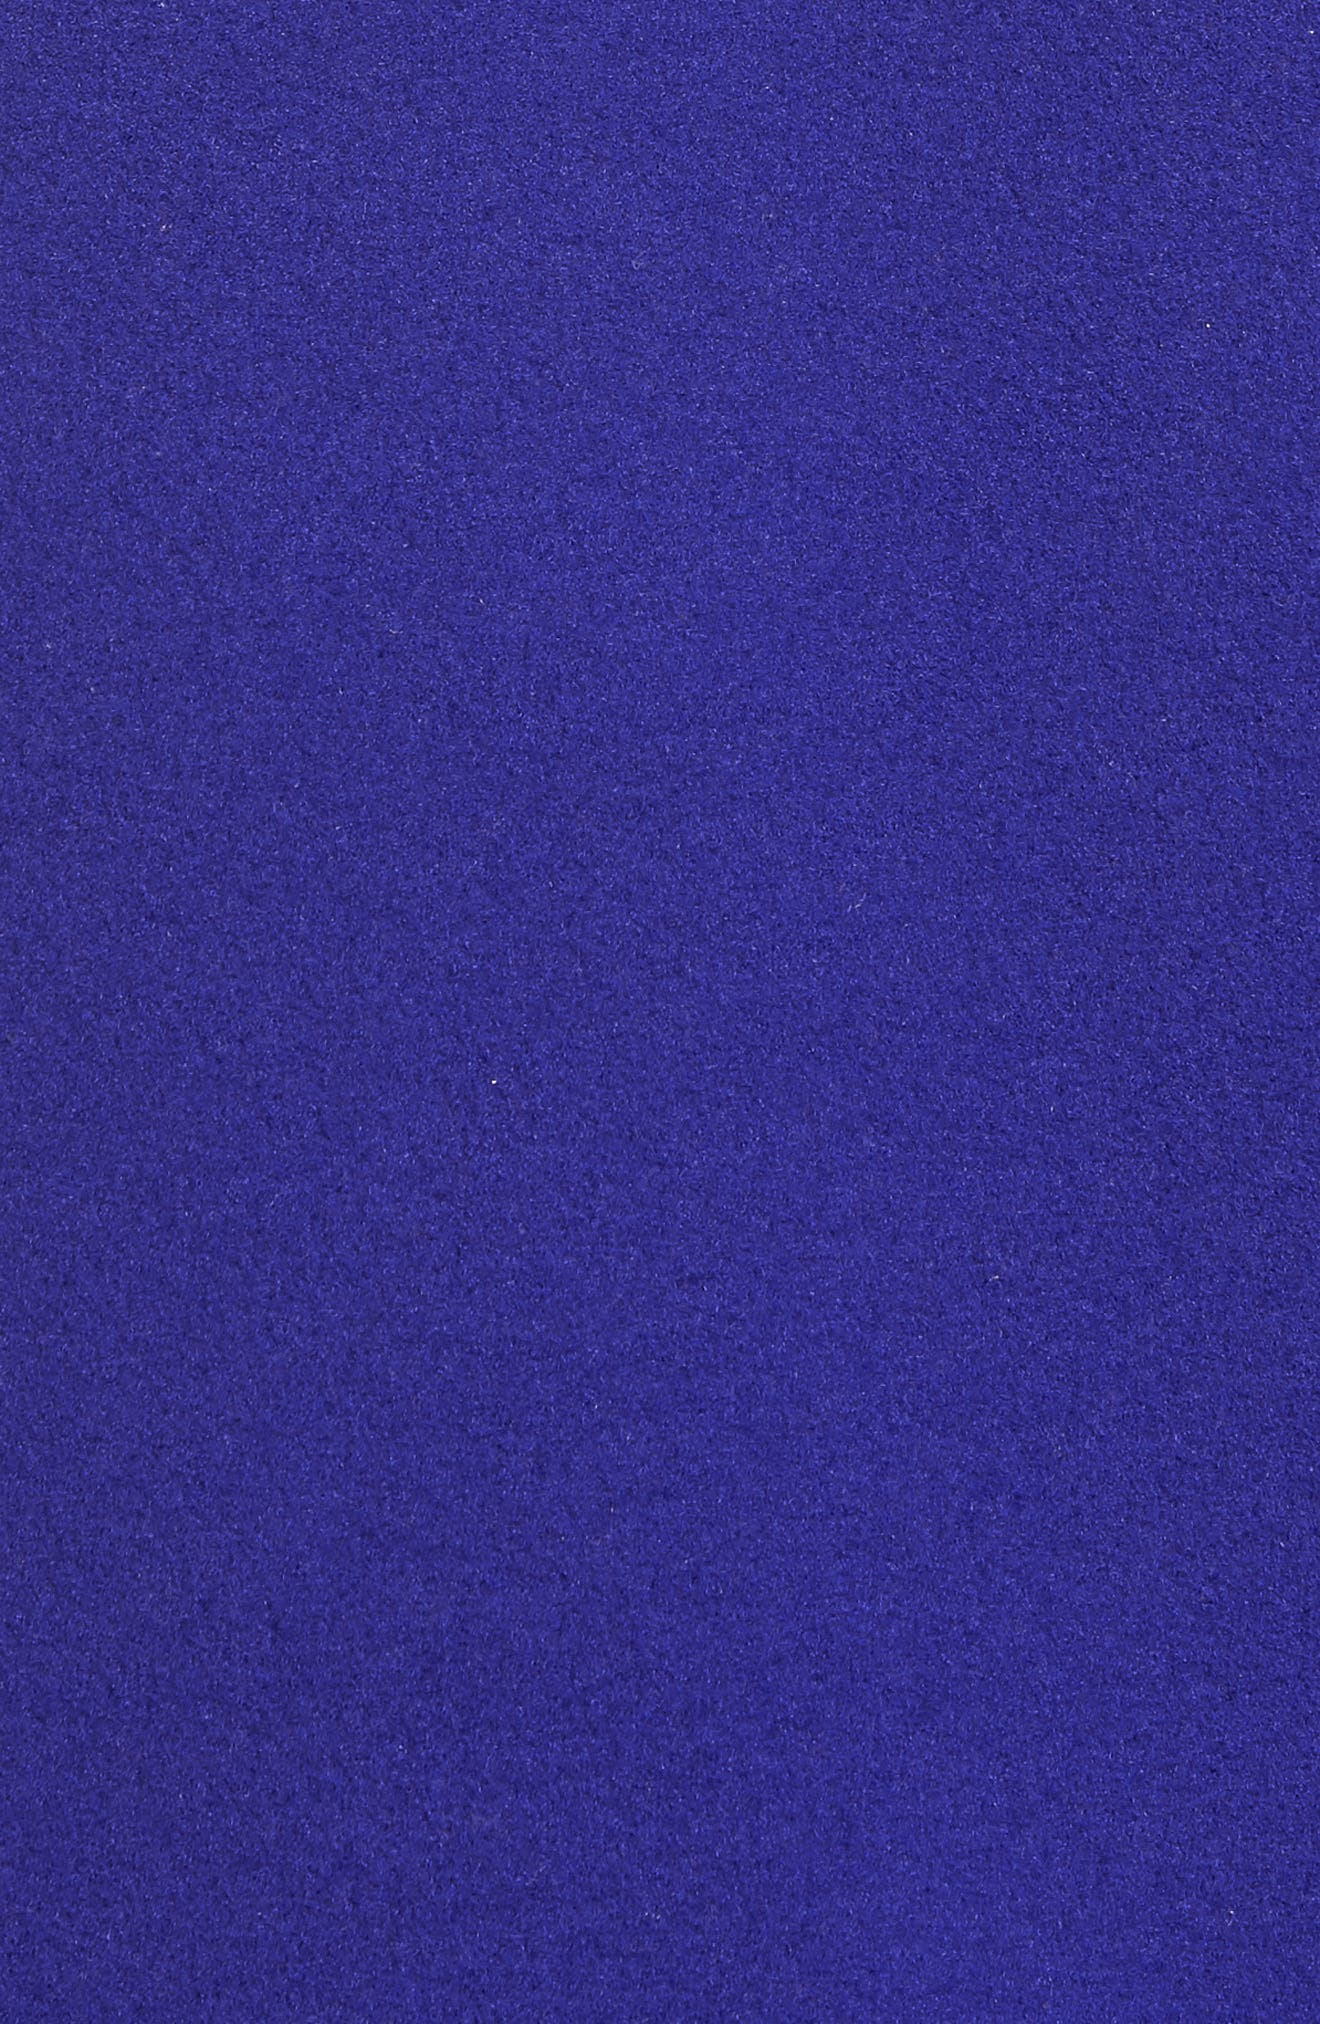 Denali 2 Jacket,                             Alternate thumbnail 7, color,                             LAPIS BLUE/ TNF BLACK